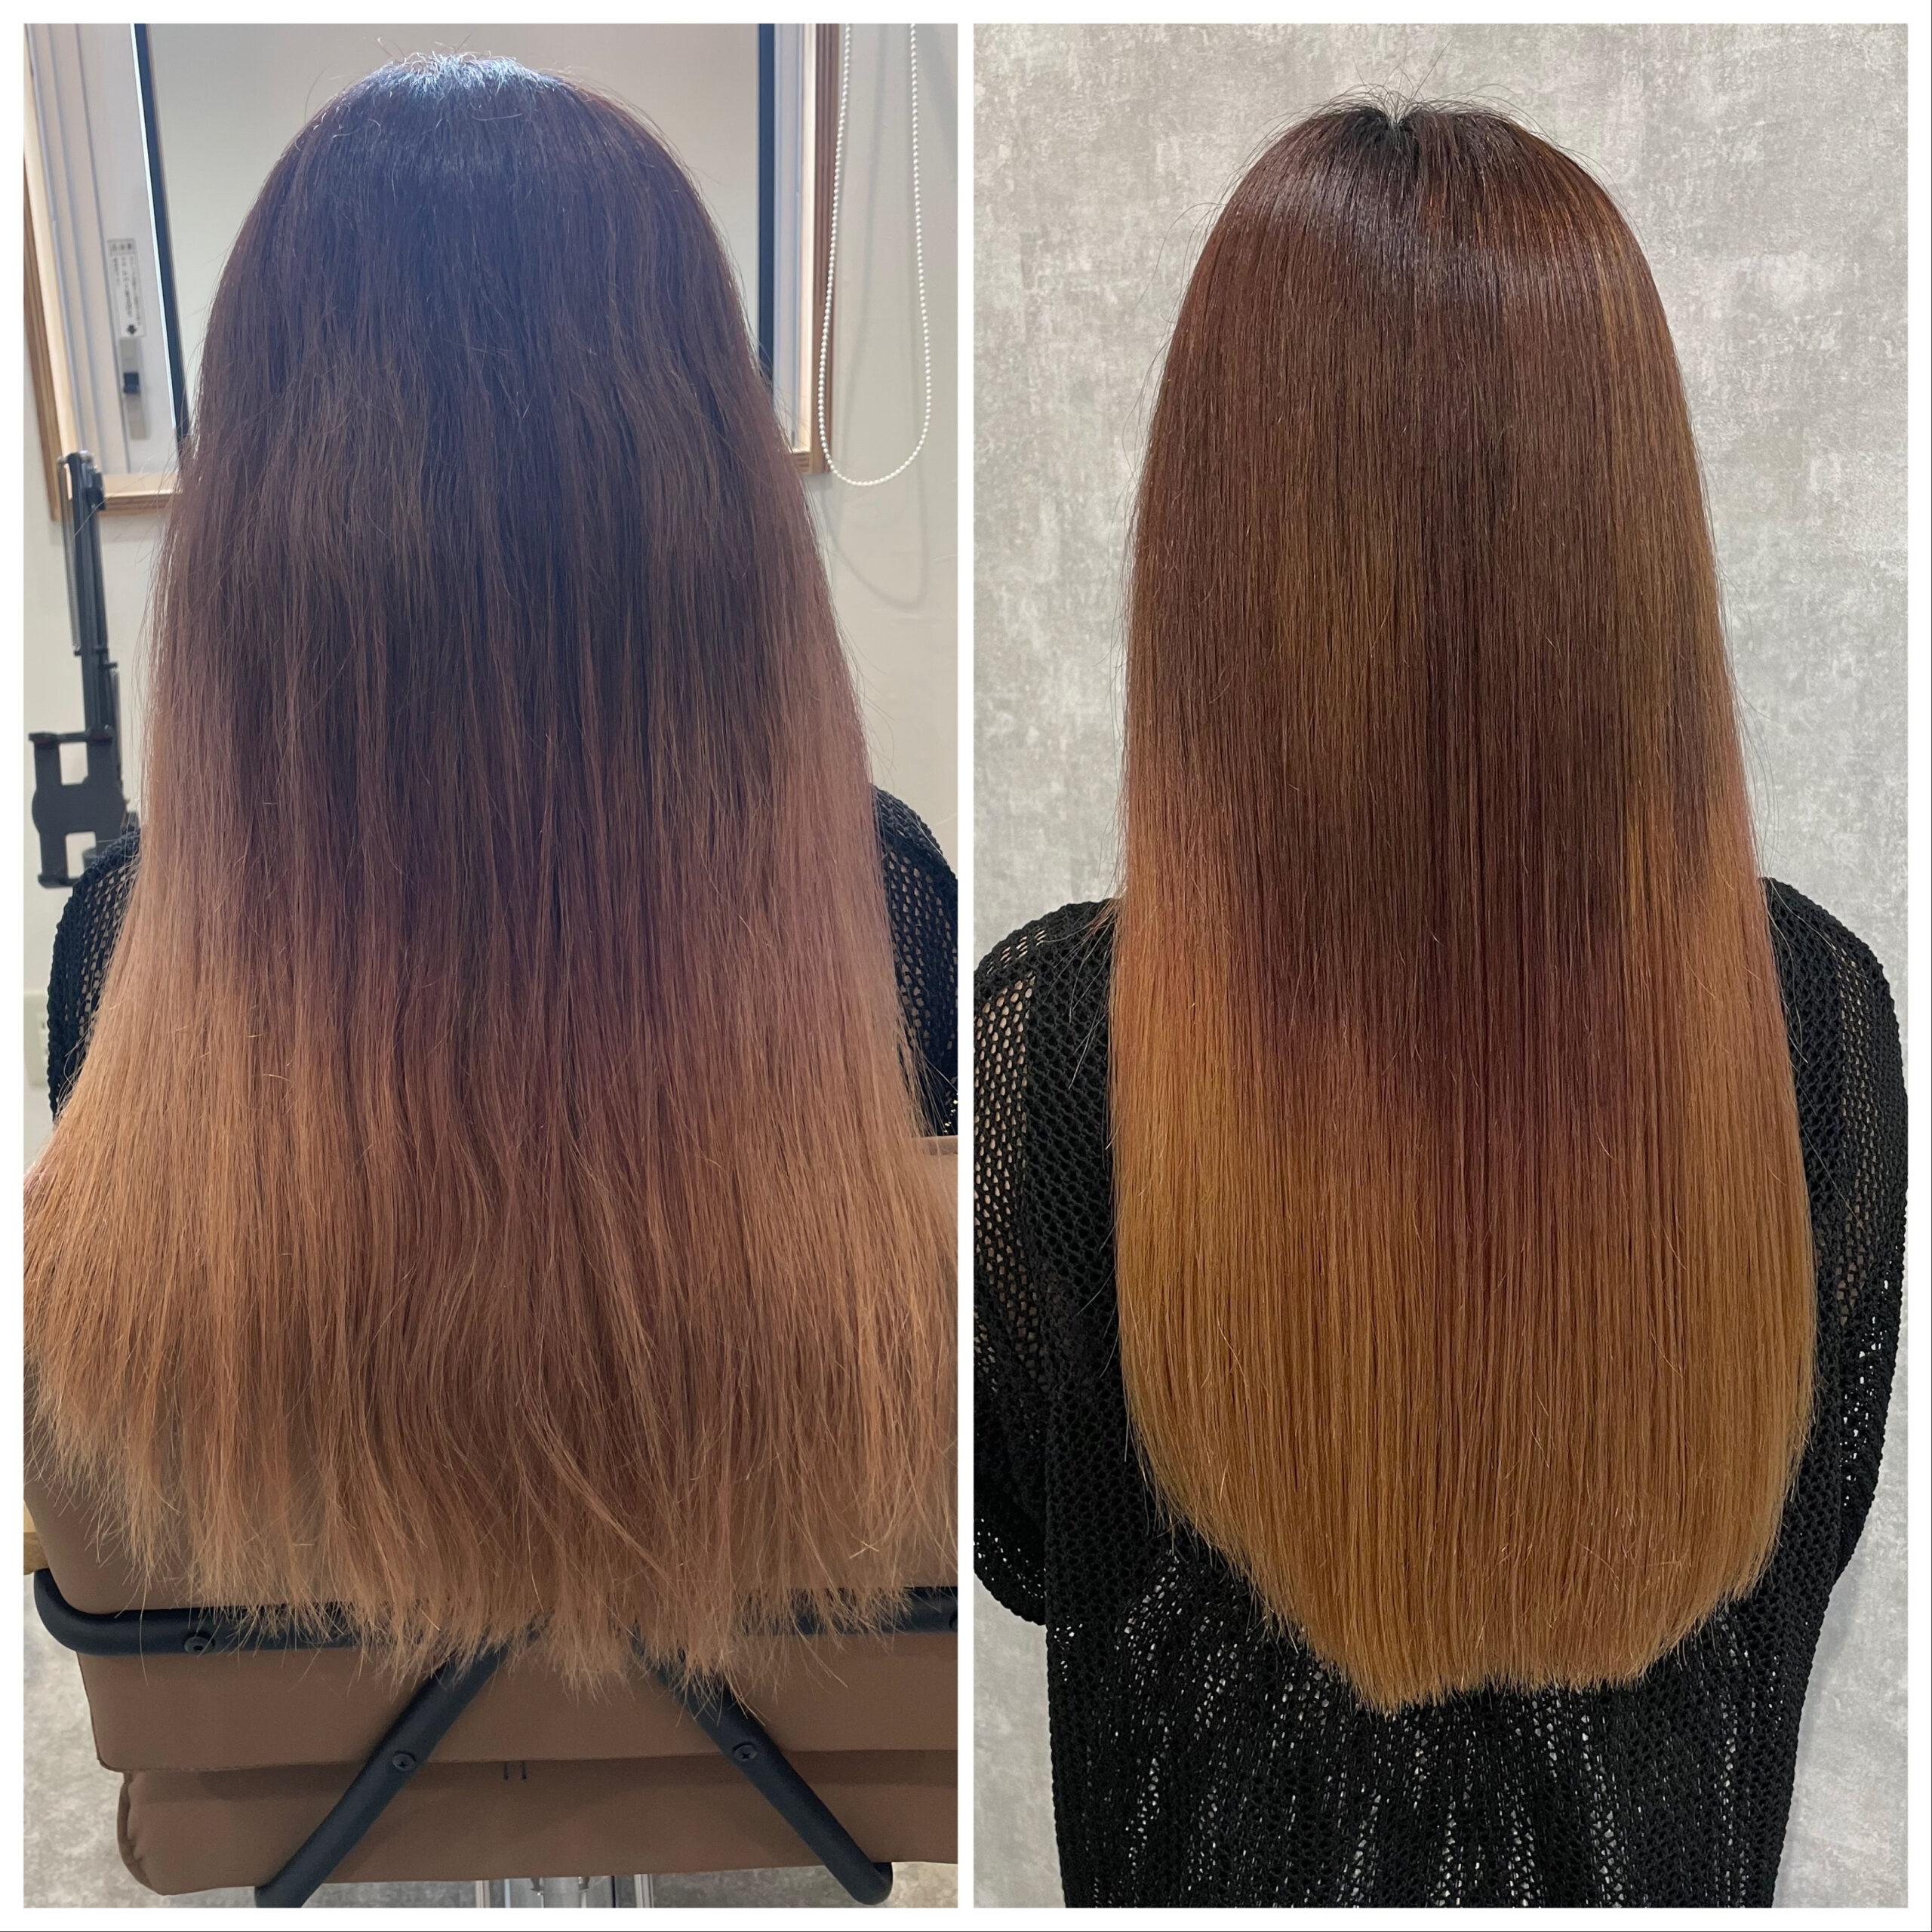 大分県別府市 ブリーチしているハイダメージ毛に髪質改善の縮毛矯正 ビフォーアフター